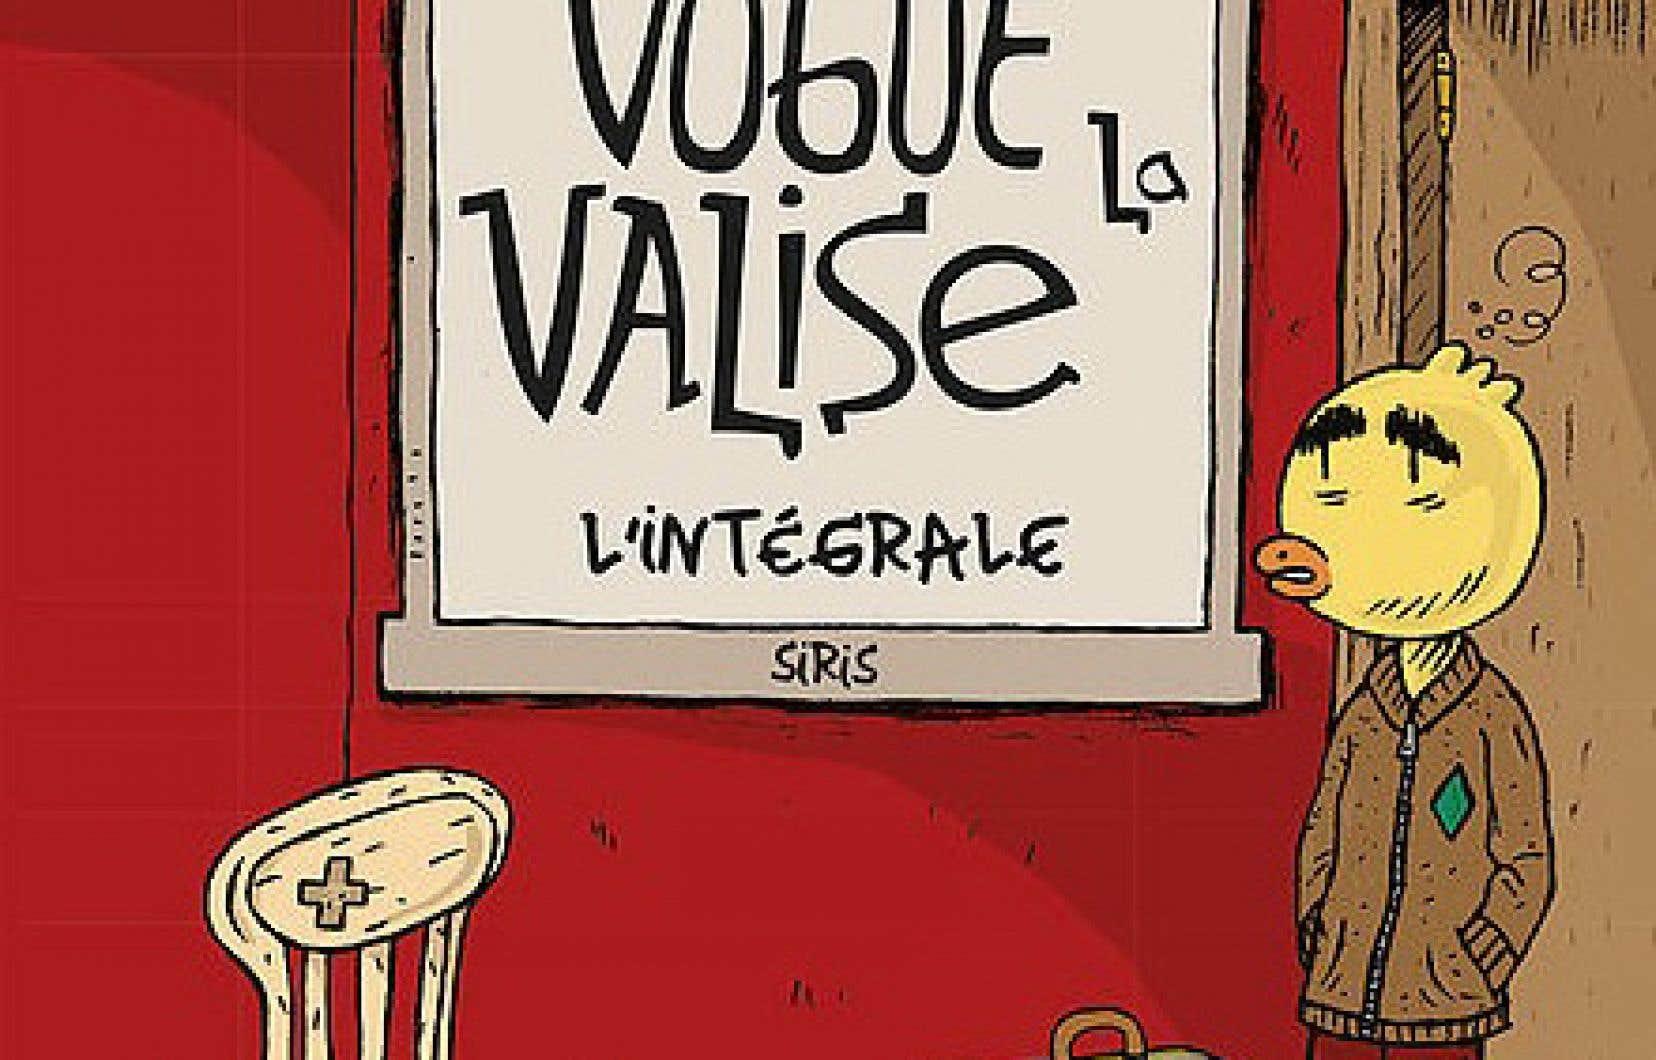 «Vogue la valise» relate l'existence sombre et remplie d'humiliations de La Poule, alter ego du bédéiste de 55 ans, au cours d'une jeunesse passée en famille d'accueil.